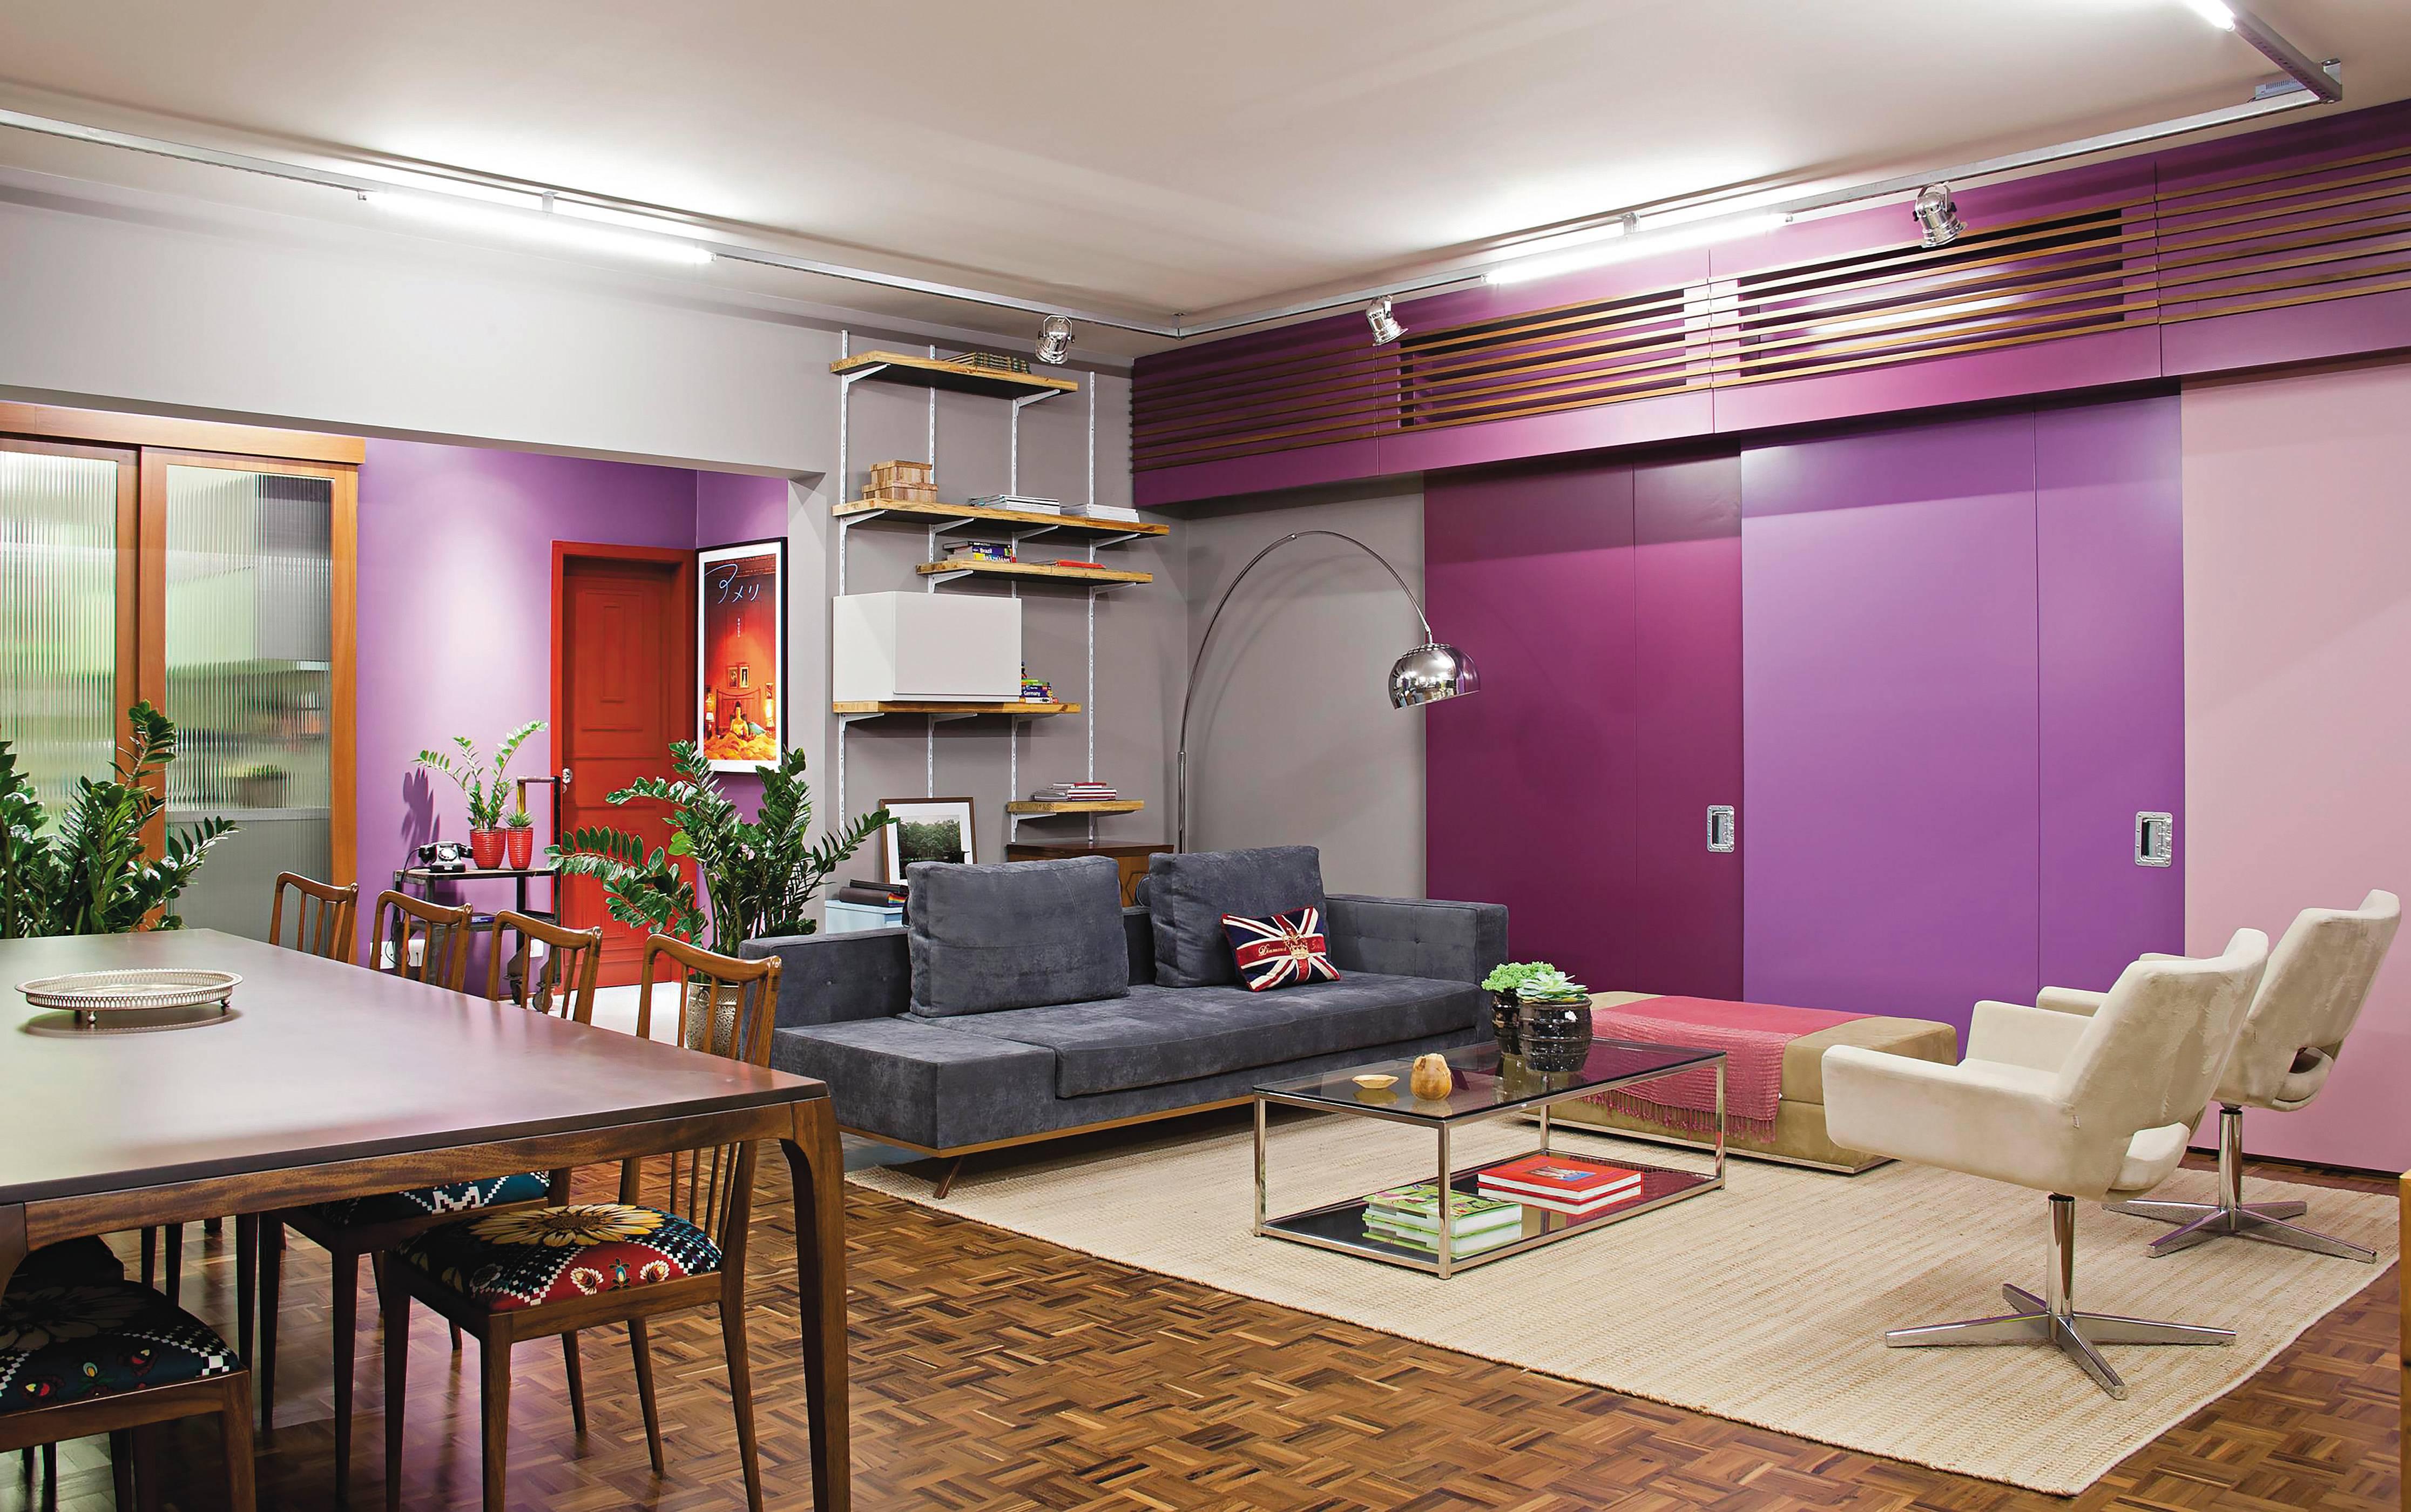 Paredes retráteis contornam o apartamento RO, projetado pelo SuperLimão Studio. Uma casa viva é flexível e se adapta conforme as necessidades dos moradores. foto: Maíra Acayaba